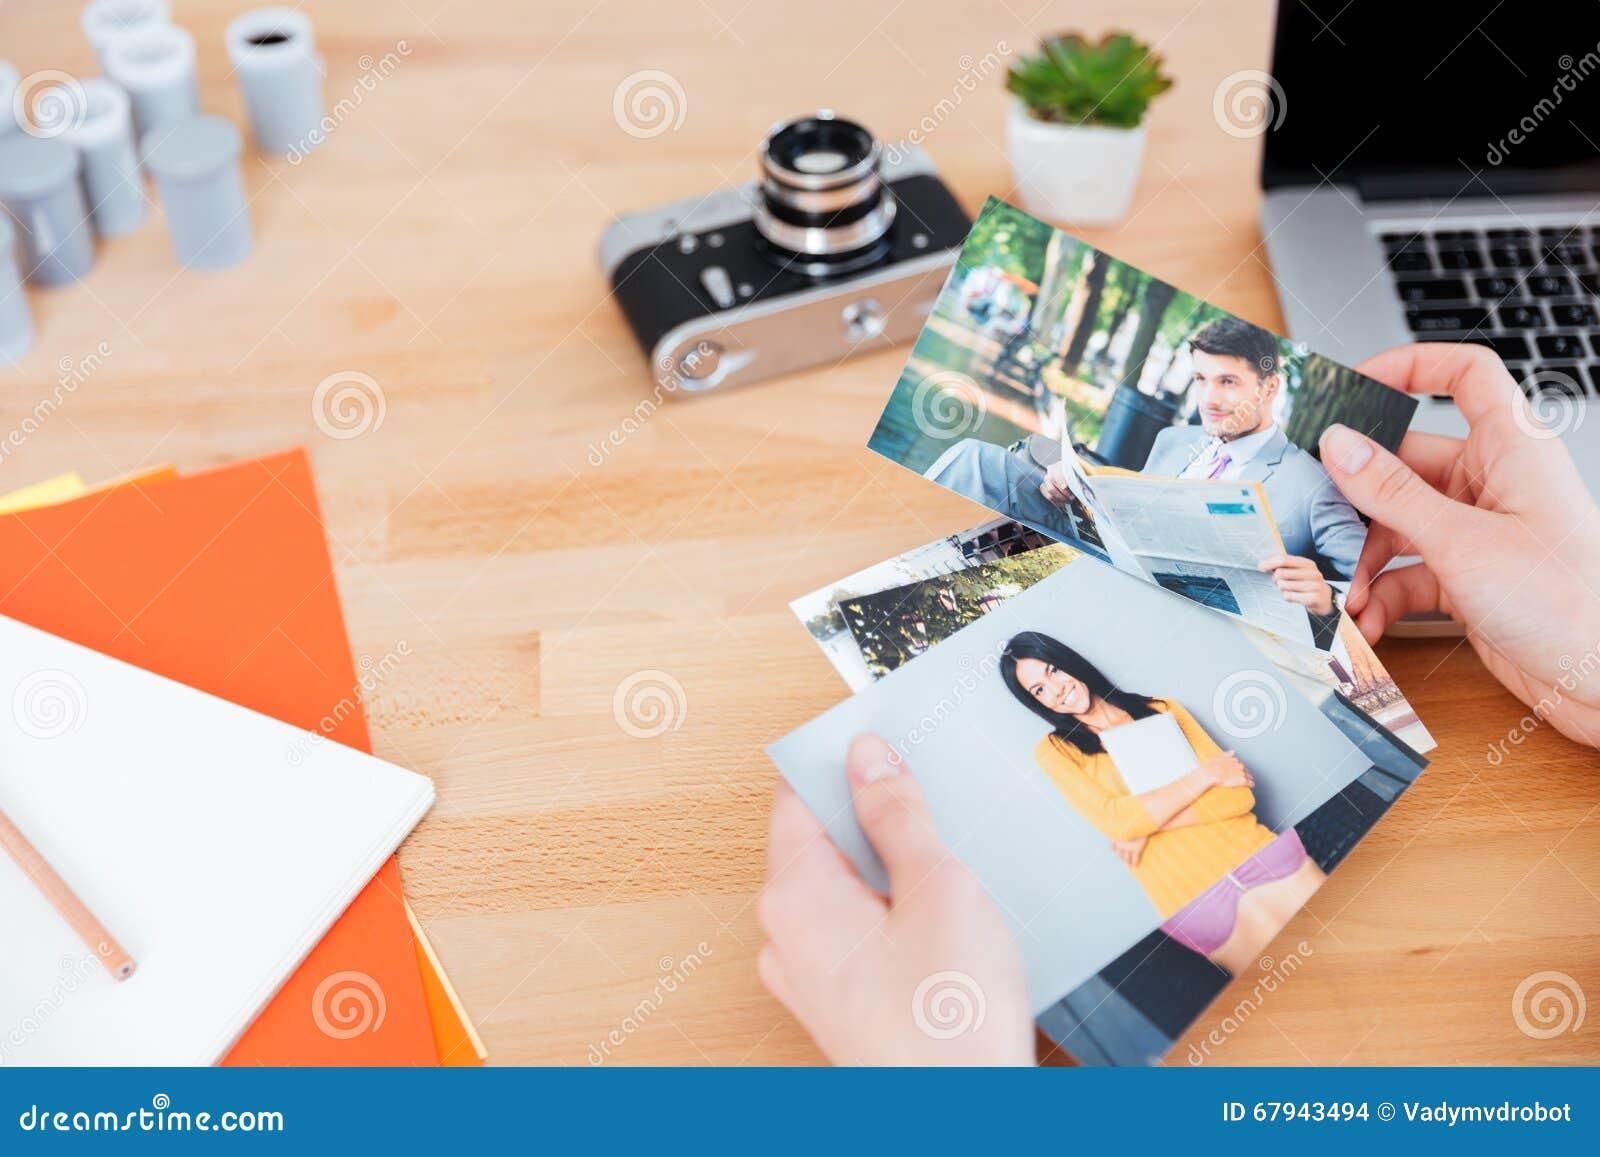 模型照片由妇女摄影师holded在桌上